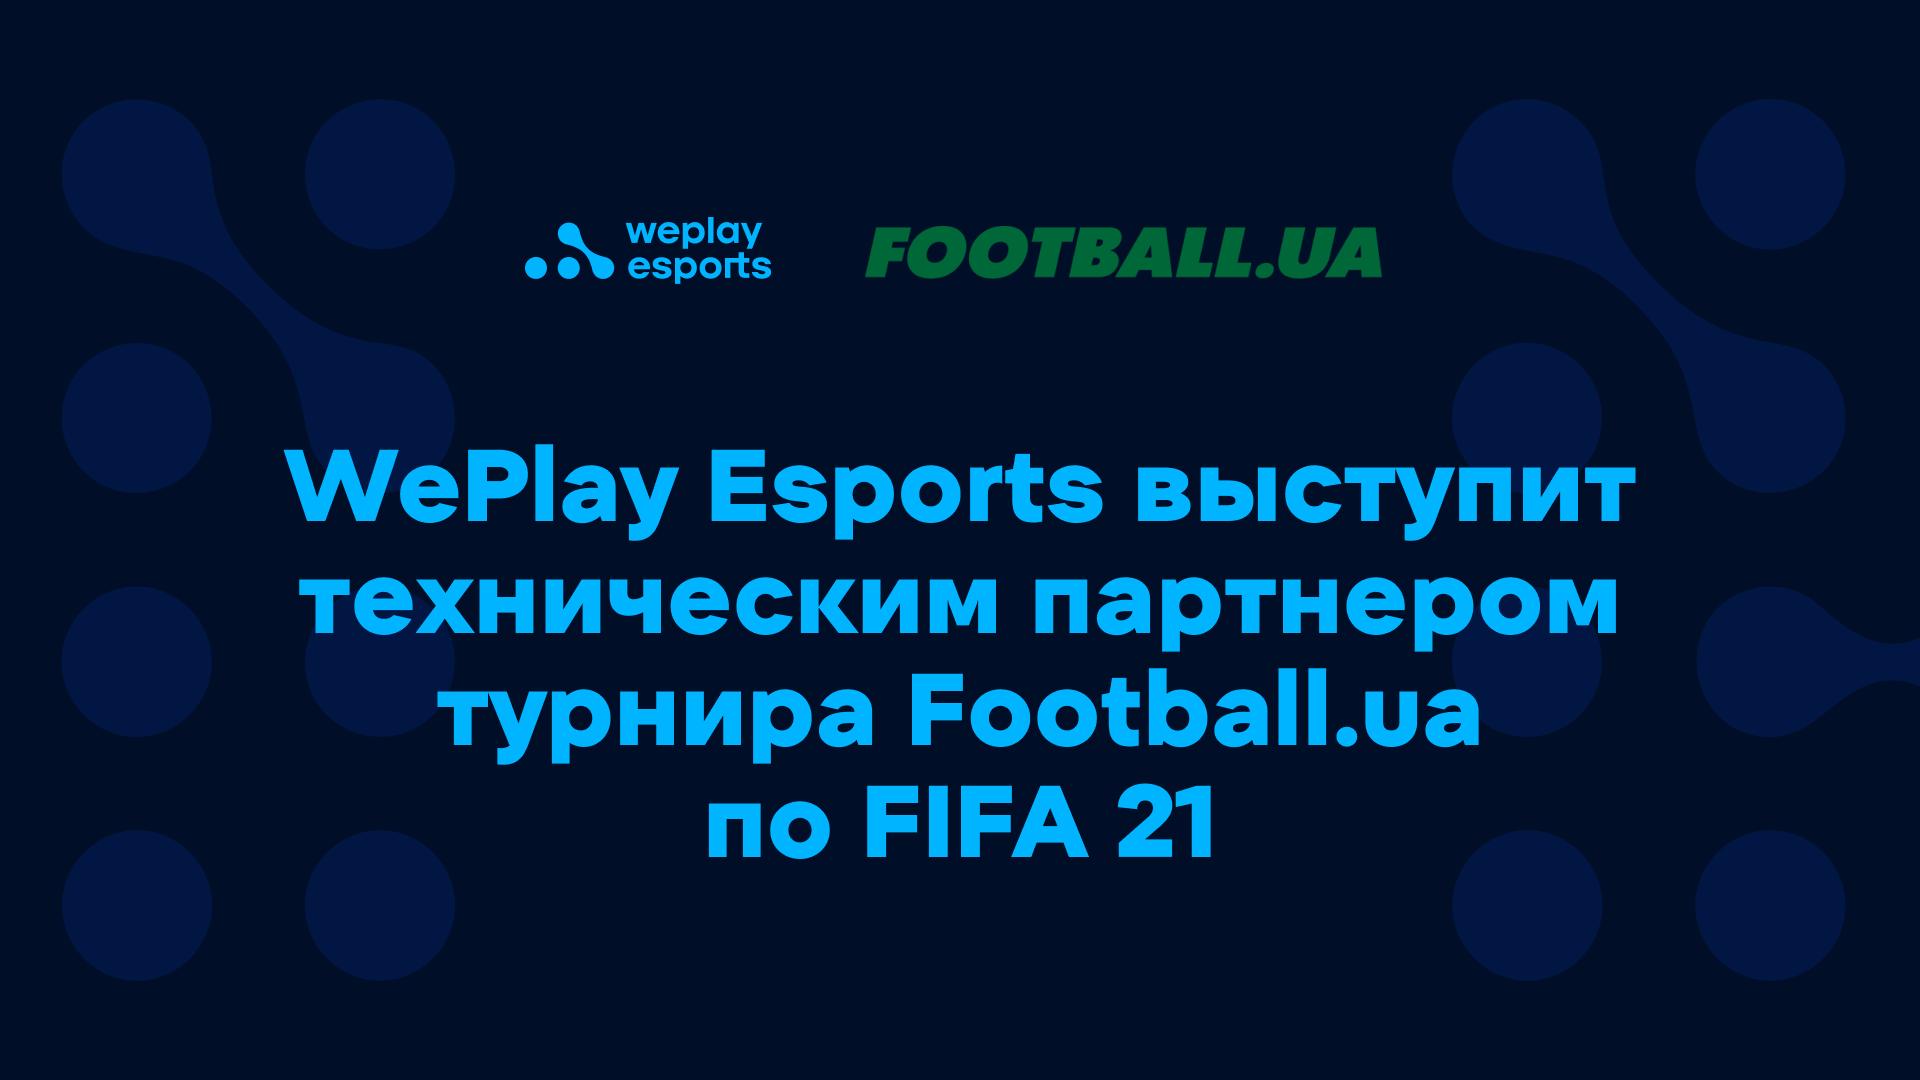 WePlay Esports выступит техническим партнером турнира Football.ua по FIFA 21. Изображение: WePlay Holding